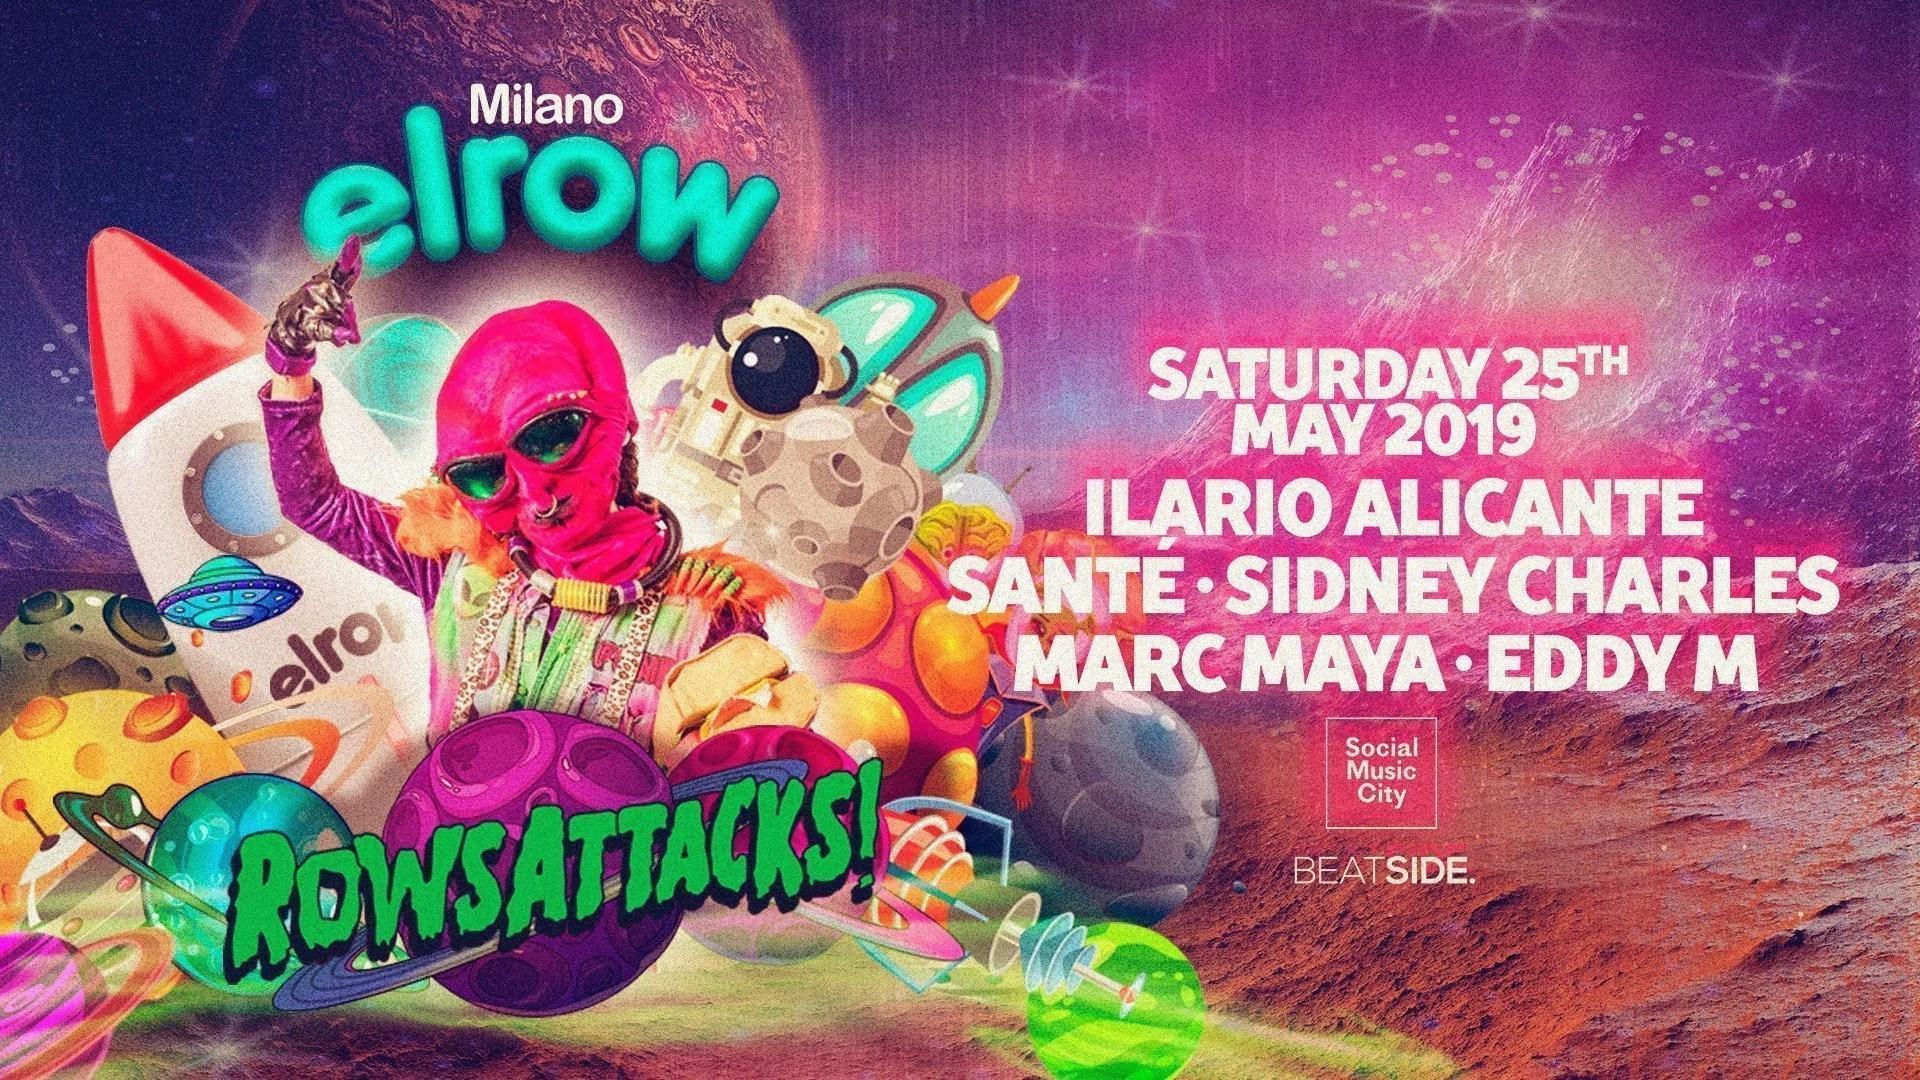 ElRow Social Music City Milano – Domenica 25 Maggio 2019 – Ticket in prevendita Biglietti Prevendite Tavoli Pacchetti Hotel